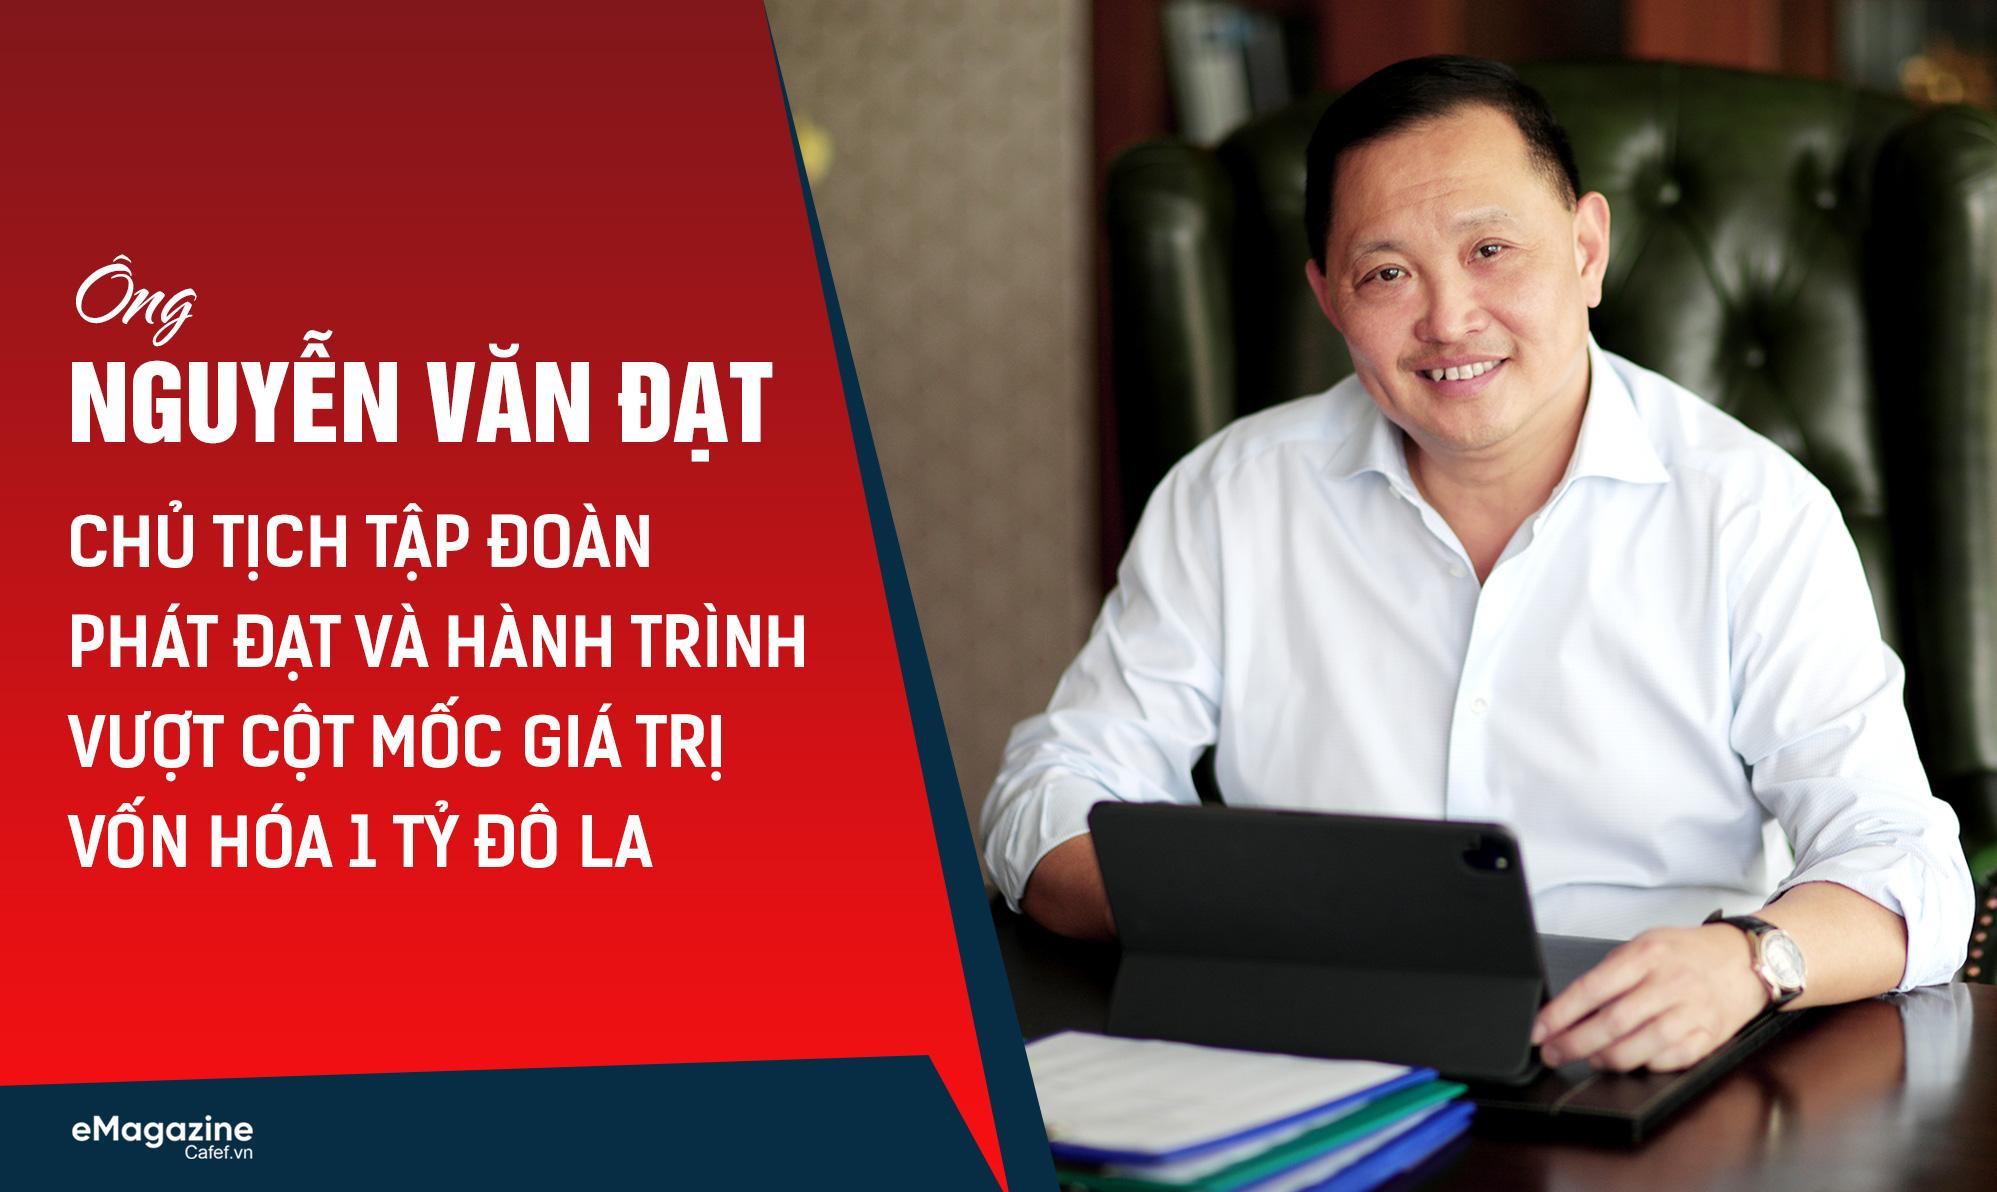 Ông Nguyễn Văn Đạt - Chủ tịch tập đoàn Phát Đạt và hành trình vượt cột mốc giá trị vốn hóa 1 tỷ đô la